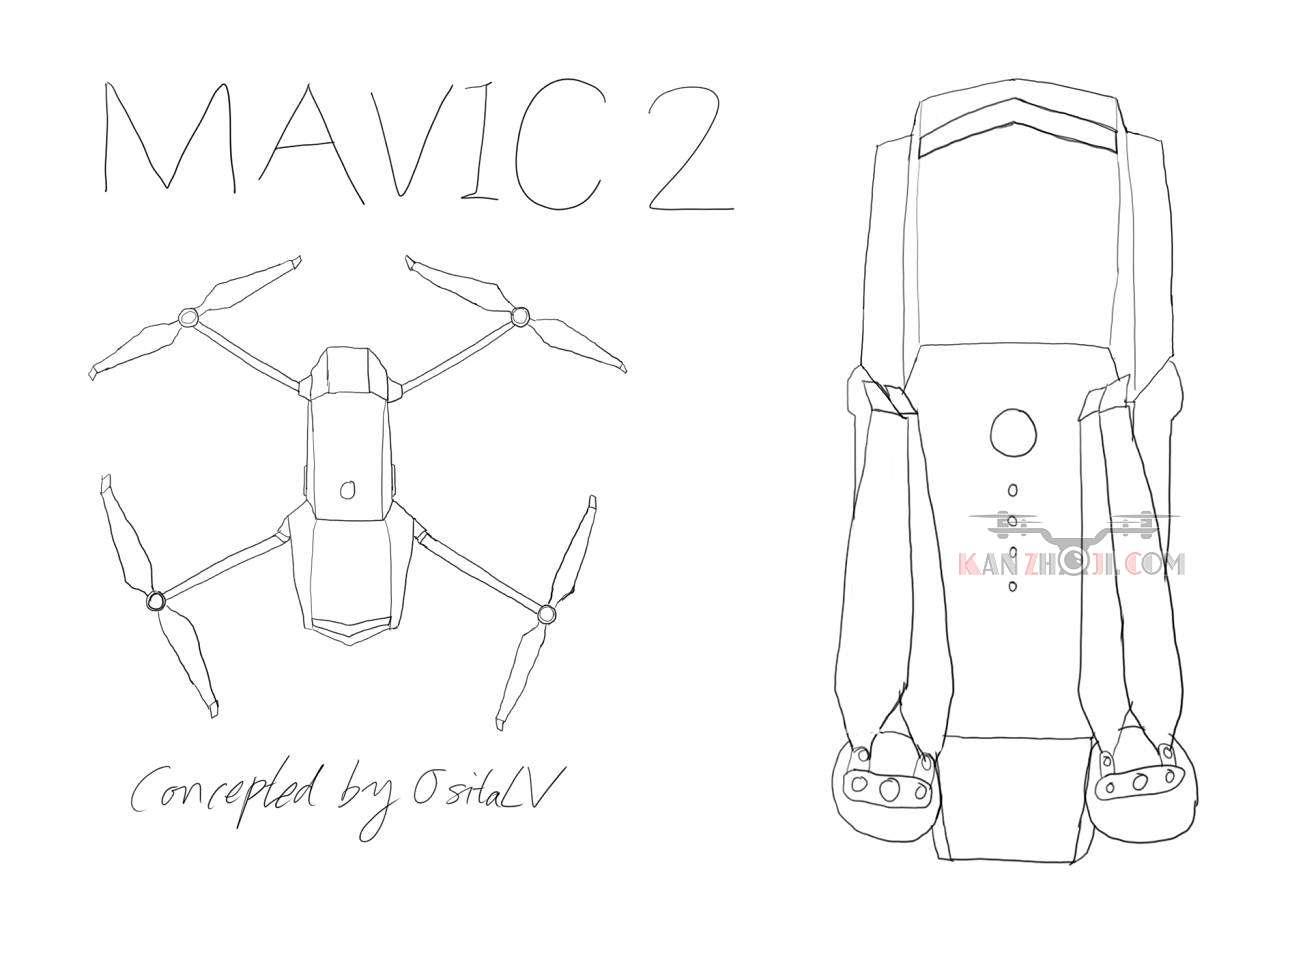 现在是预言时间!大疆Mavic Pro 2会是什么样子 ?